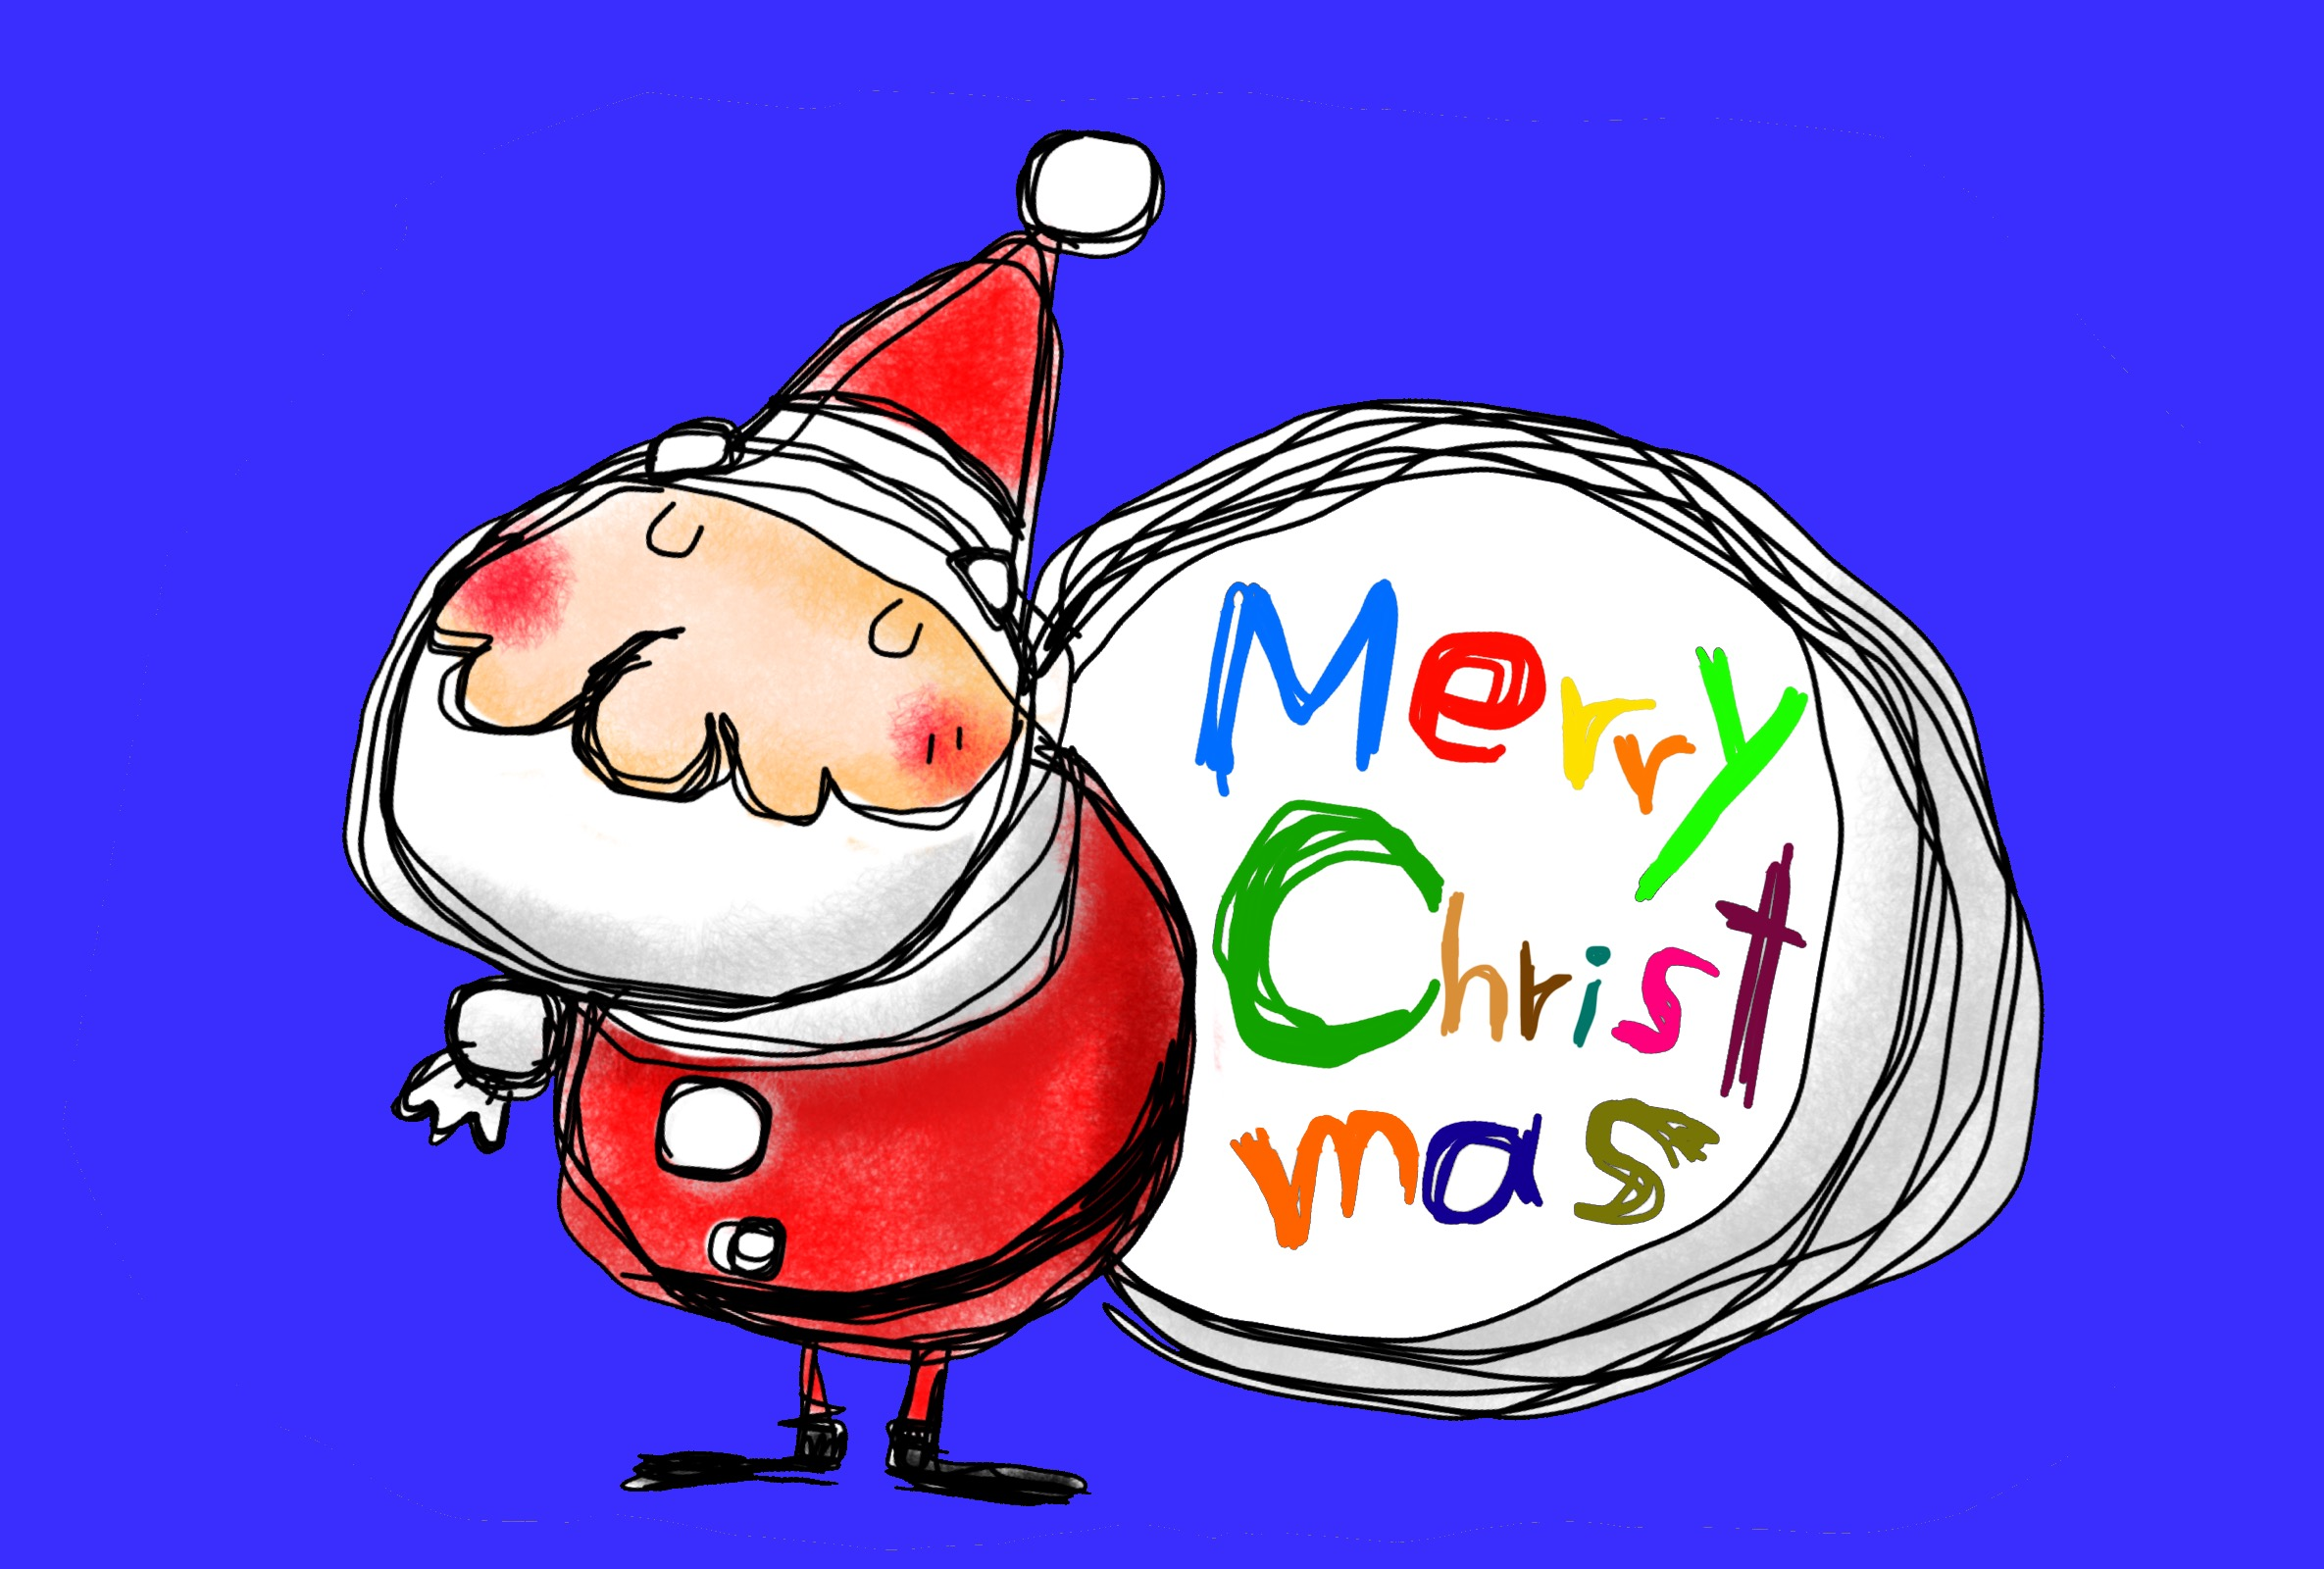 サンタクロースのイラスト クリスマスカード ブルー